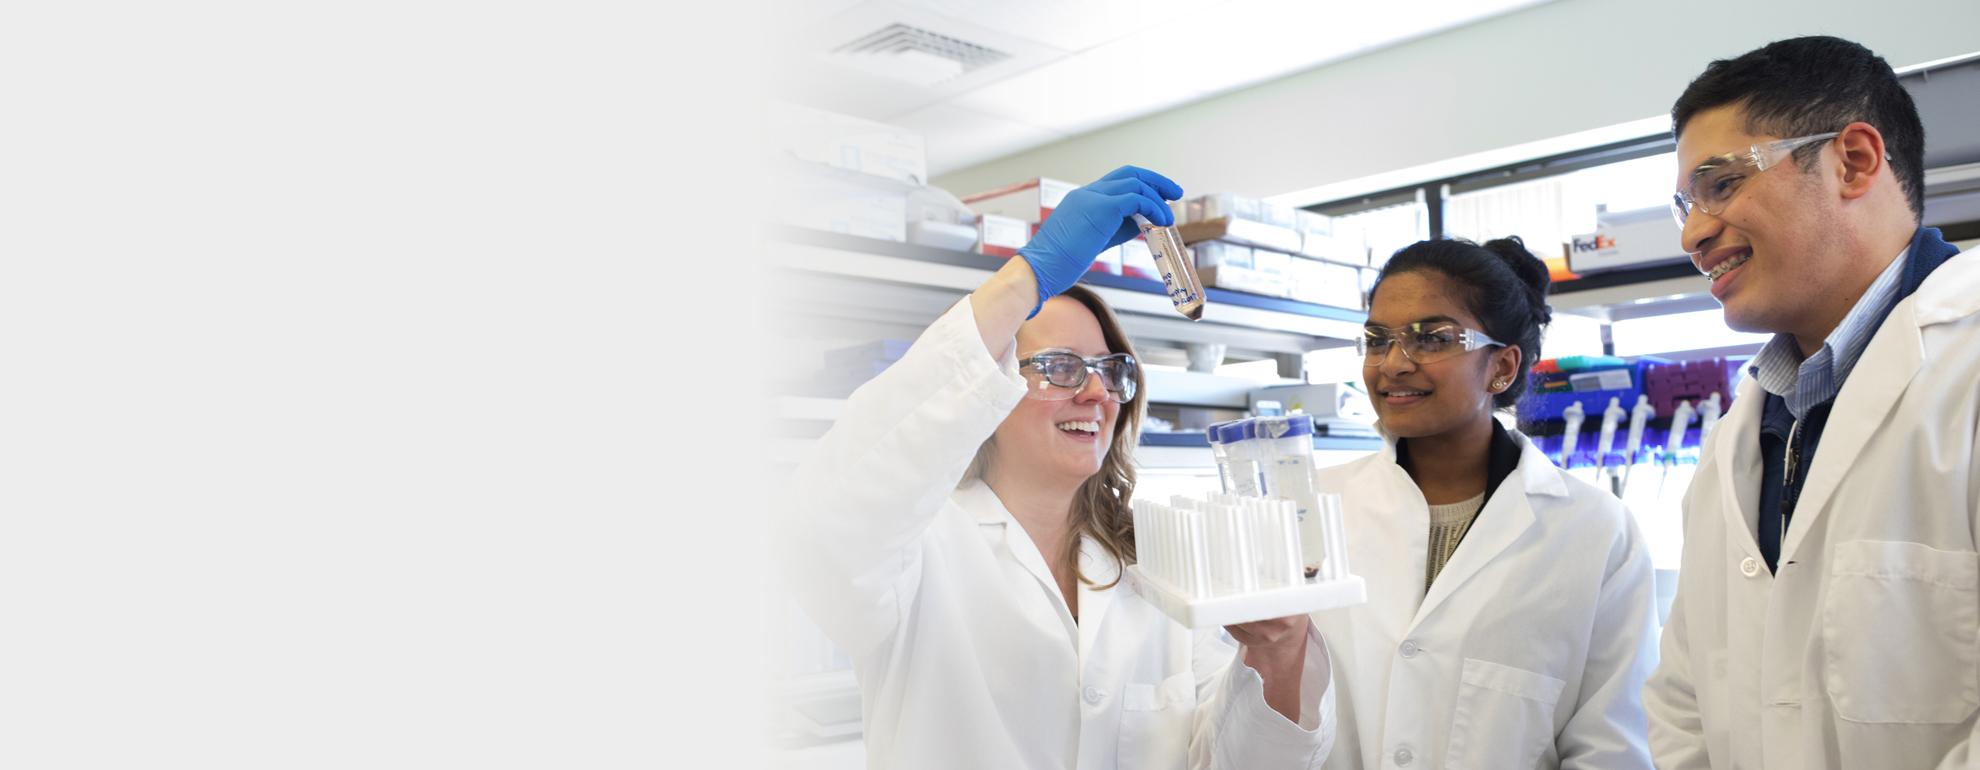 Careers - Boston Scientific